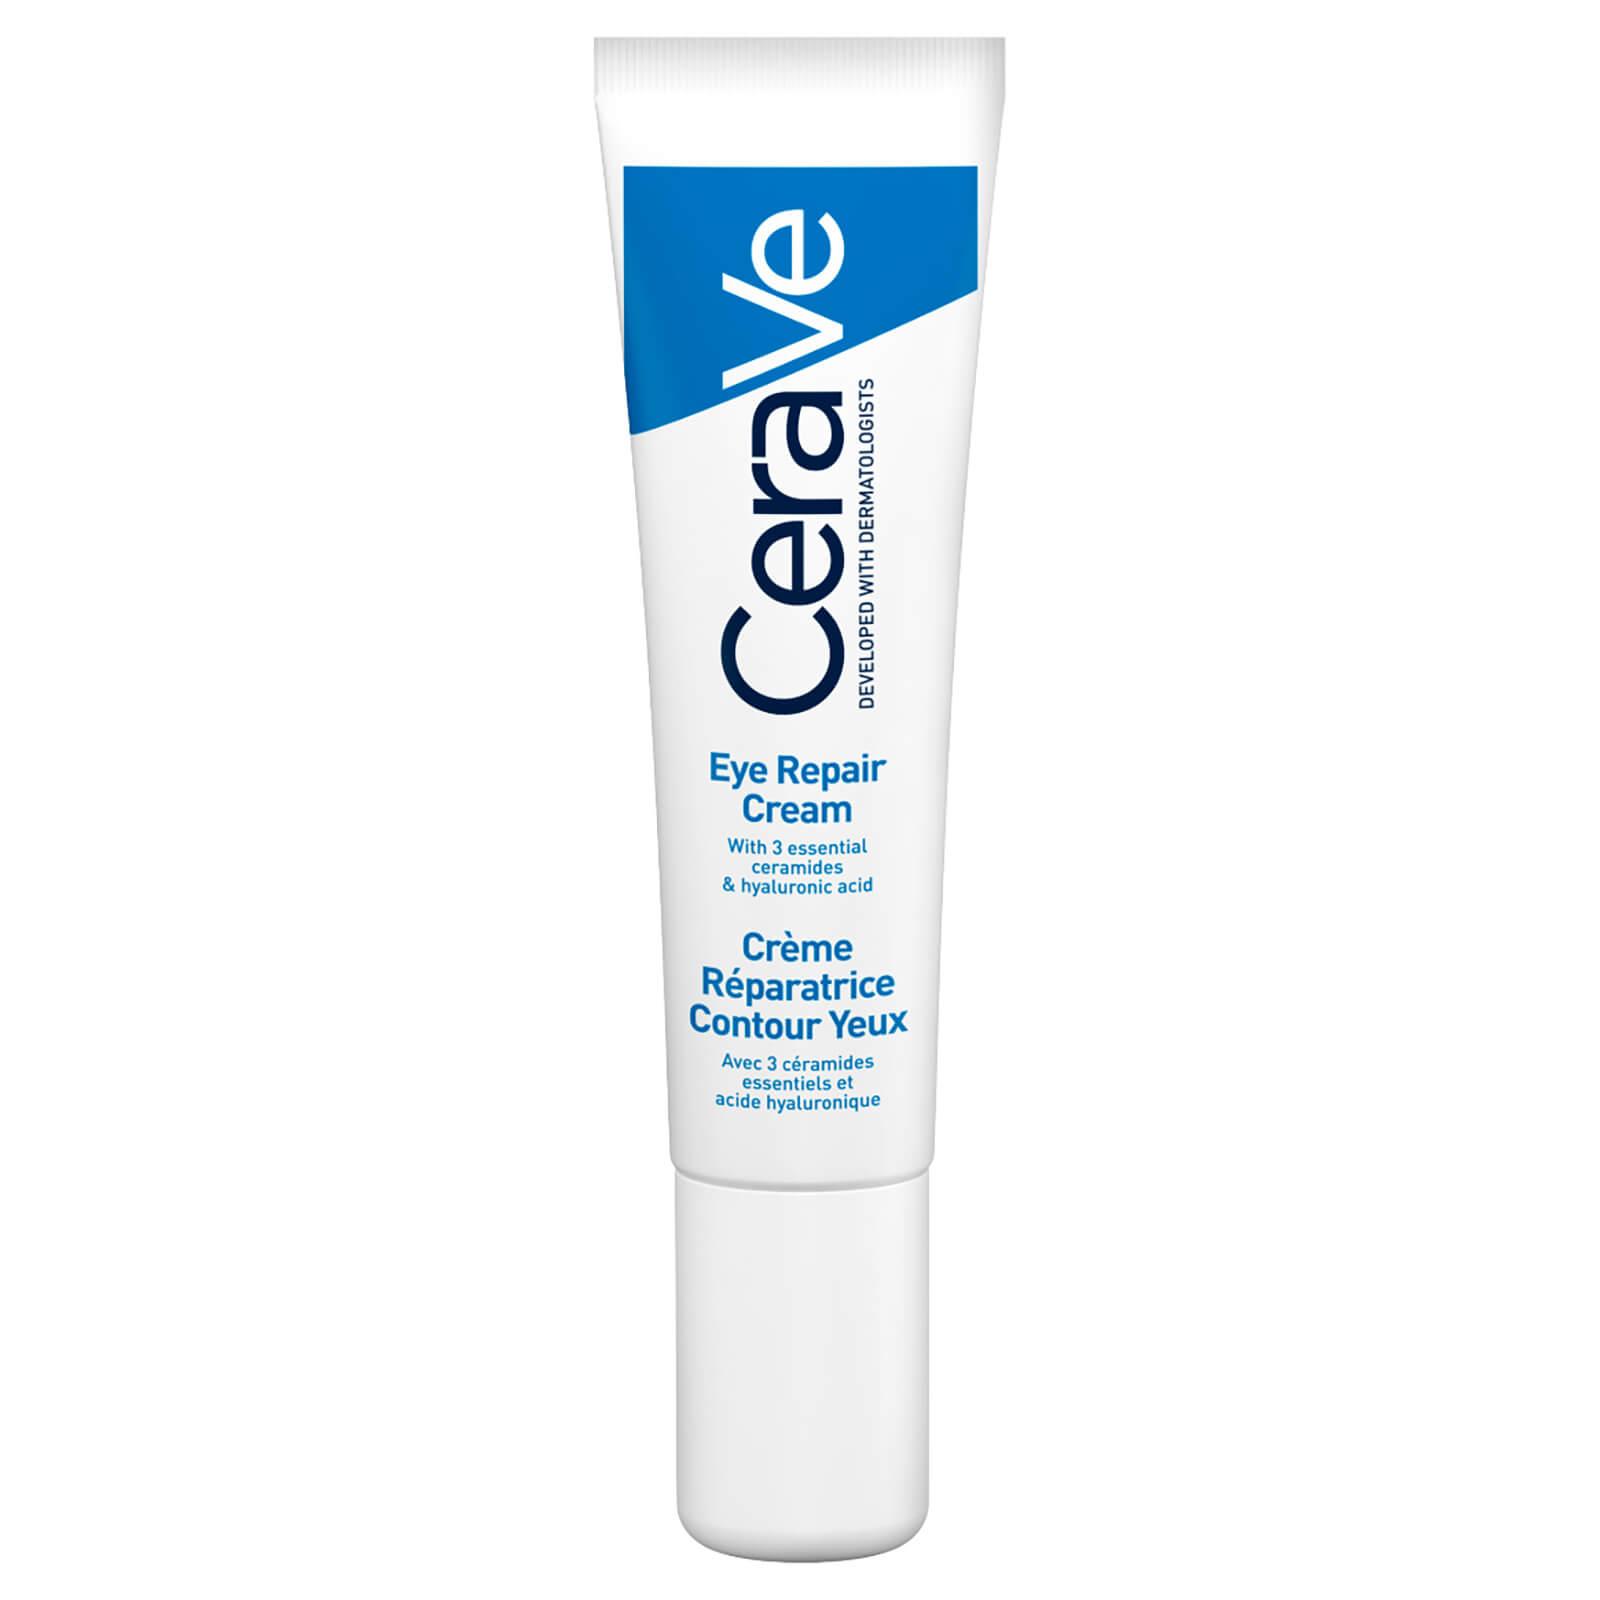 Eye Repair Cream by cerave